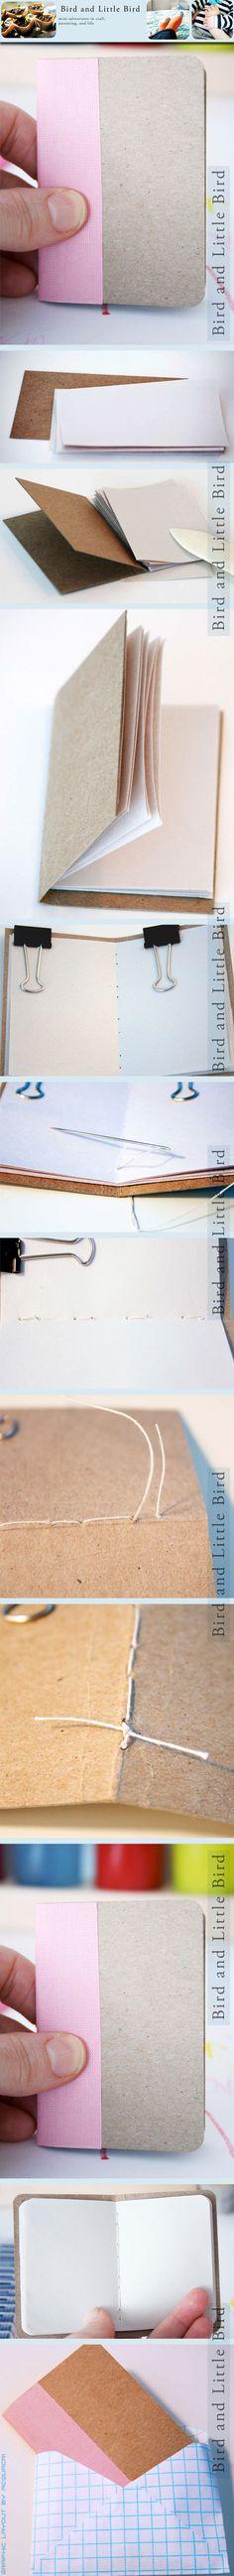 mini-book center stitched | mini libro cucito in centro | #DIY #tutorial #howtomake #faidate #comefarea